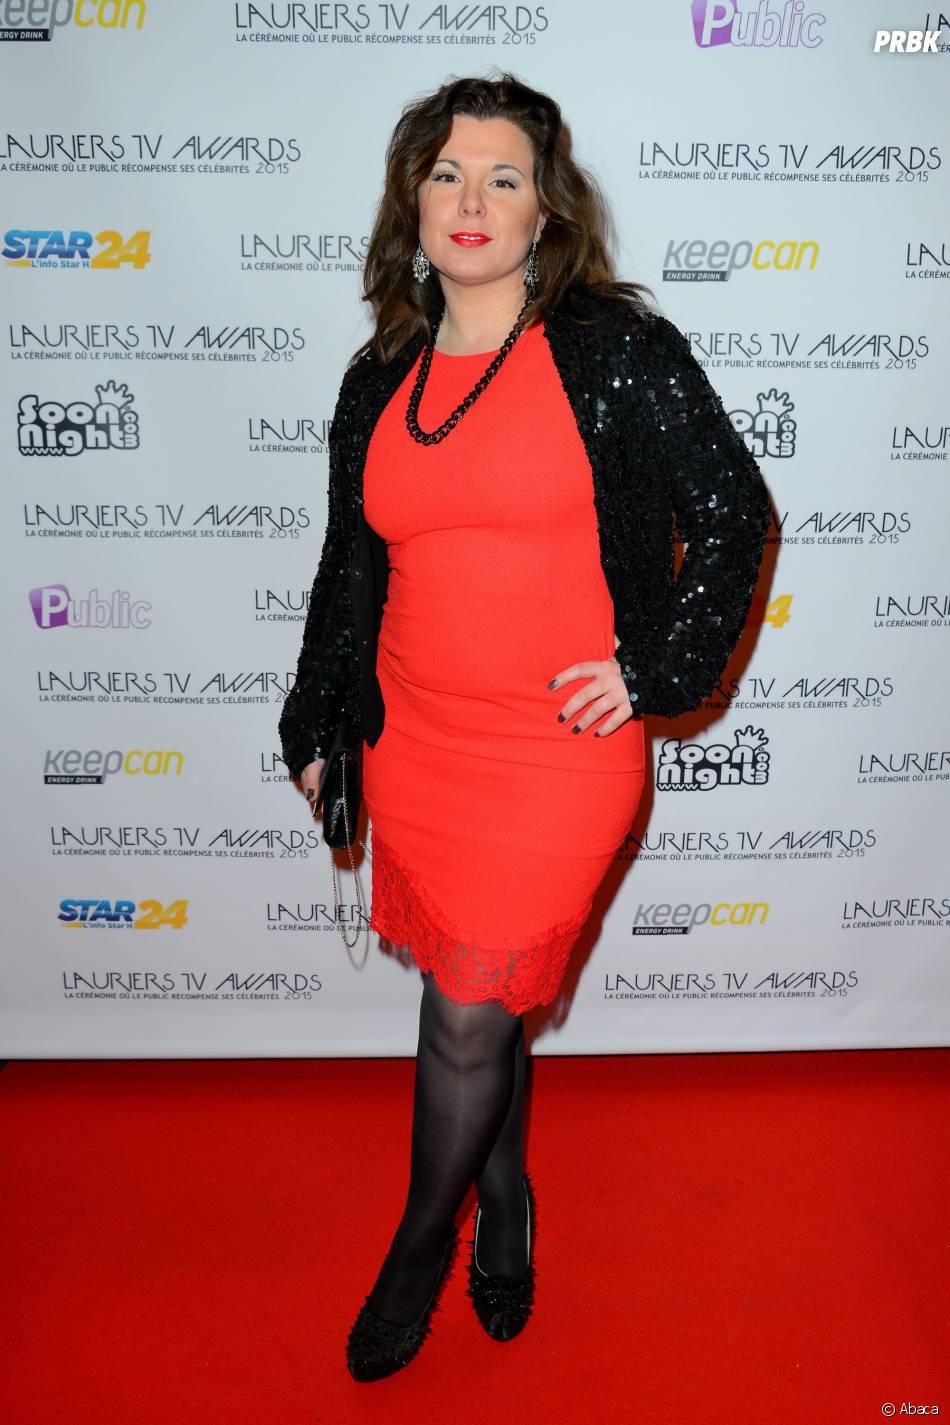 Cindy Lopes sur le tapis-rouge de la cérémonie des Lauriers TV Awards le 6 janvier 2015 à Paris